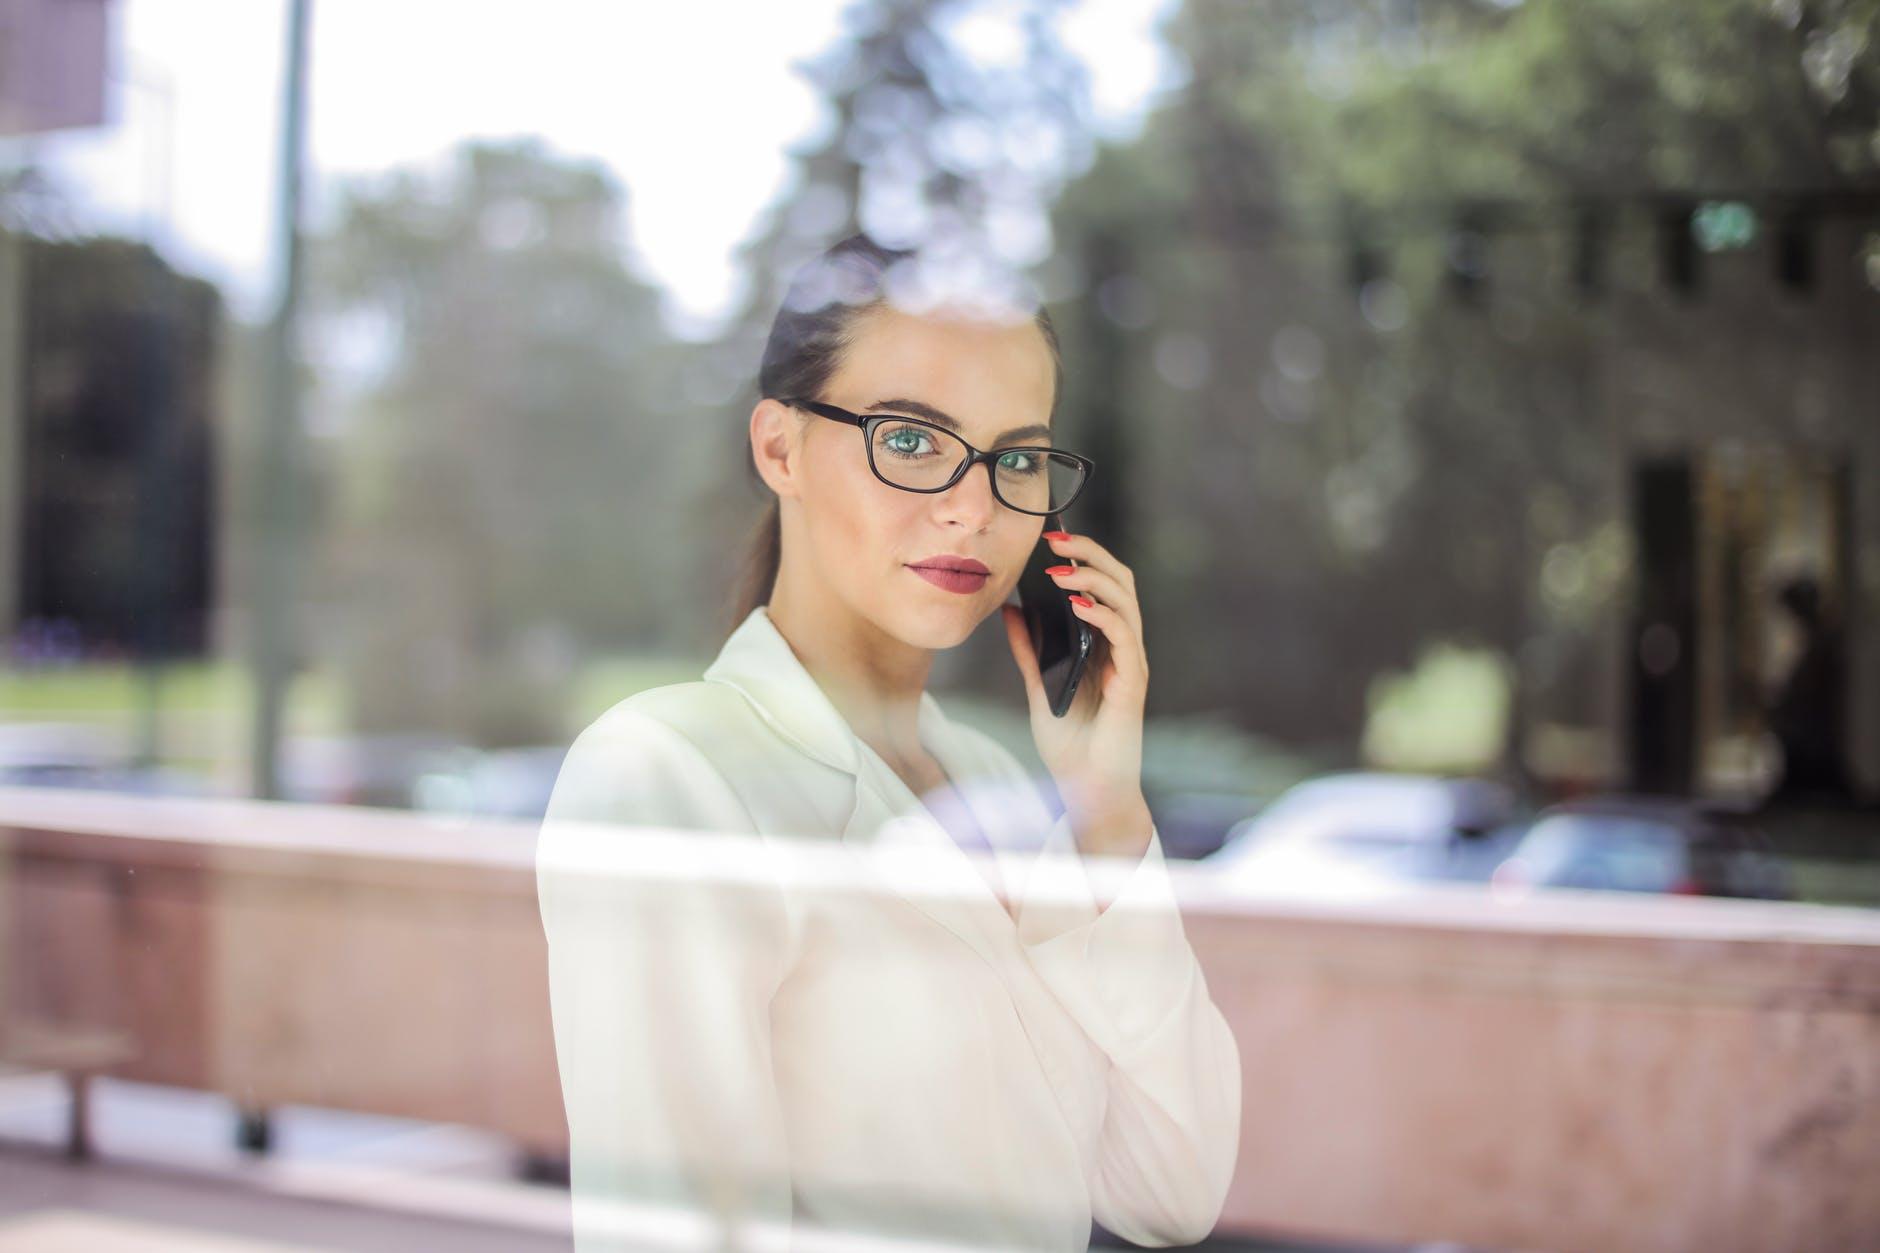 Послуги онлайн-медіатора - безпечний спосіб розв'язання конфліктів. Remote-медіація в Україні.